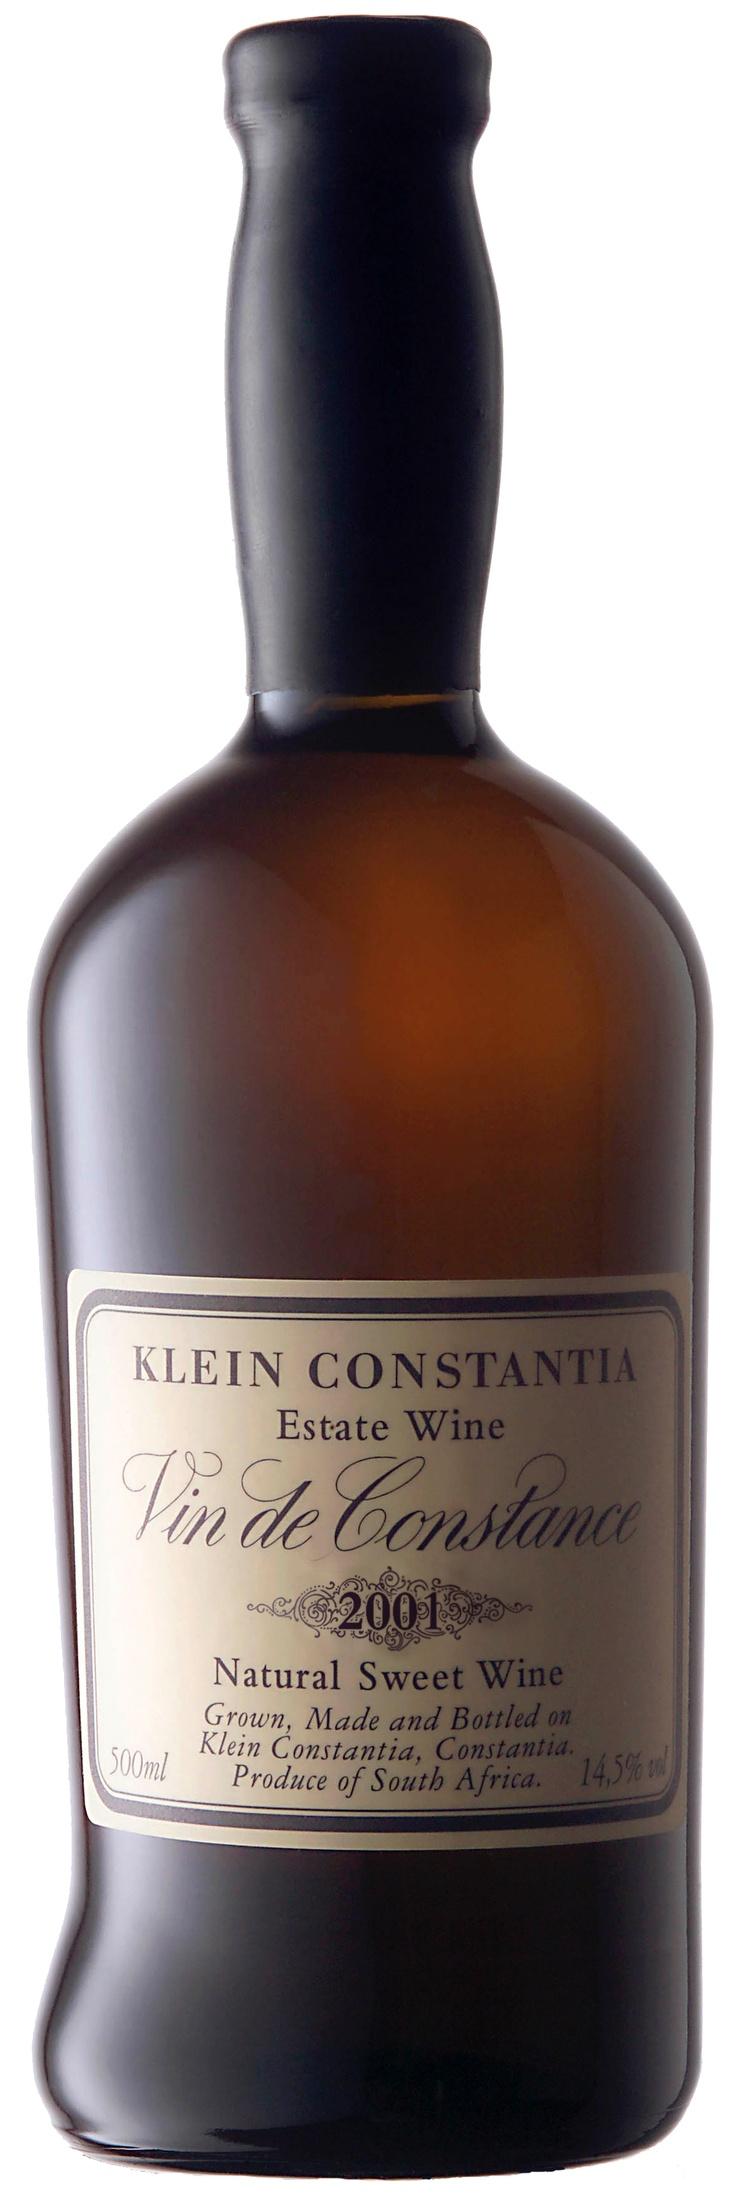 2001 Vin de Constance bottle